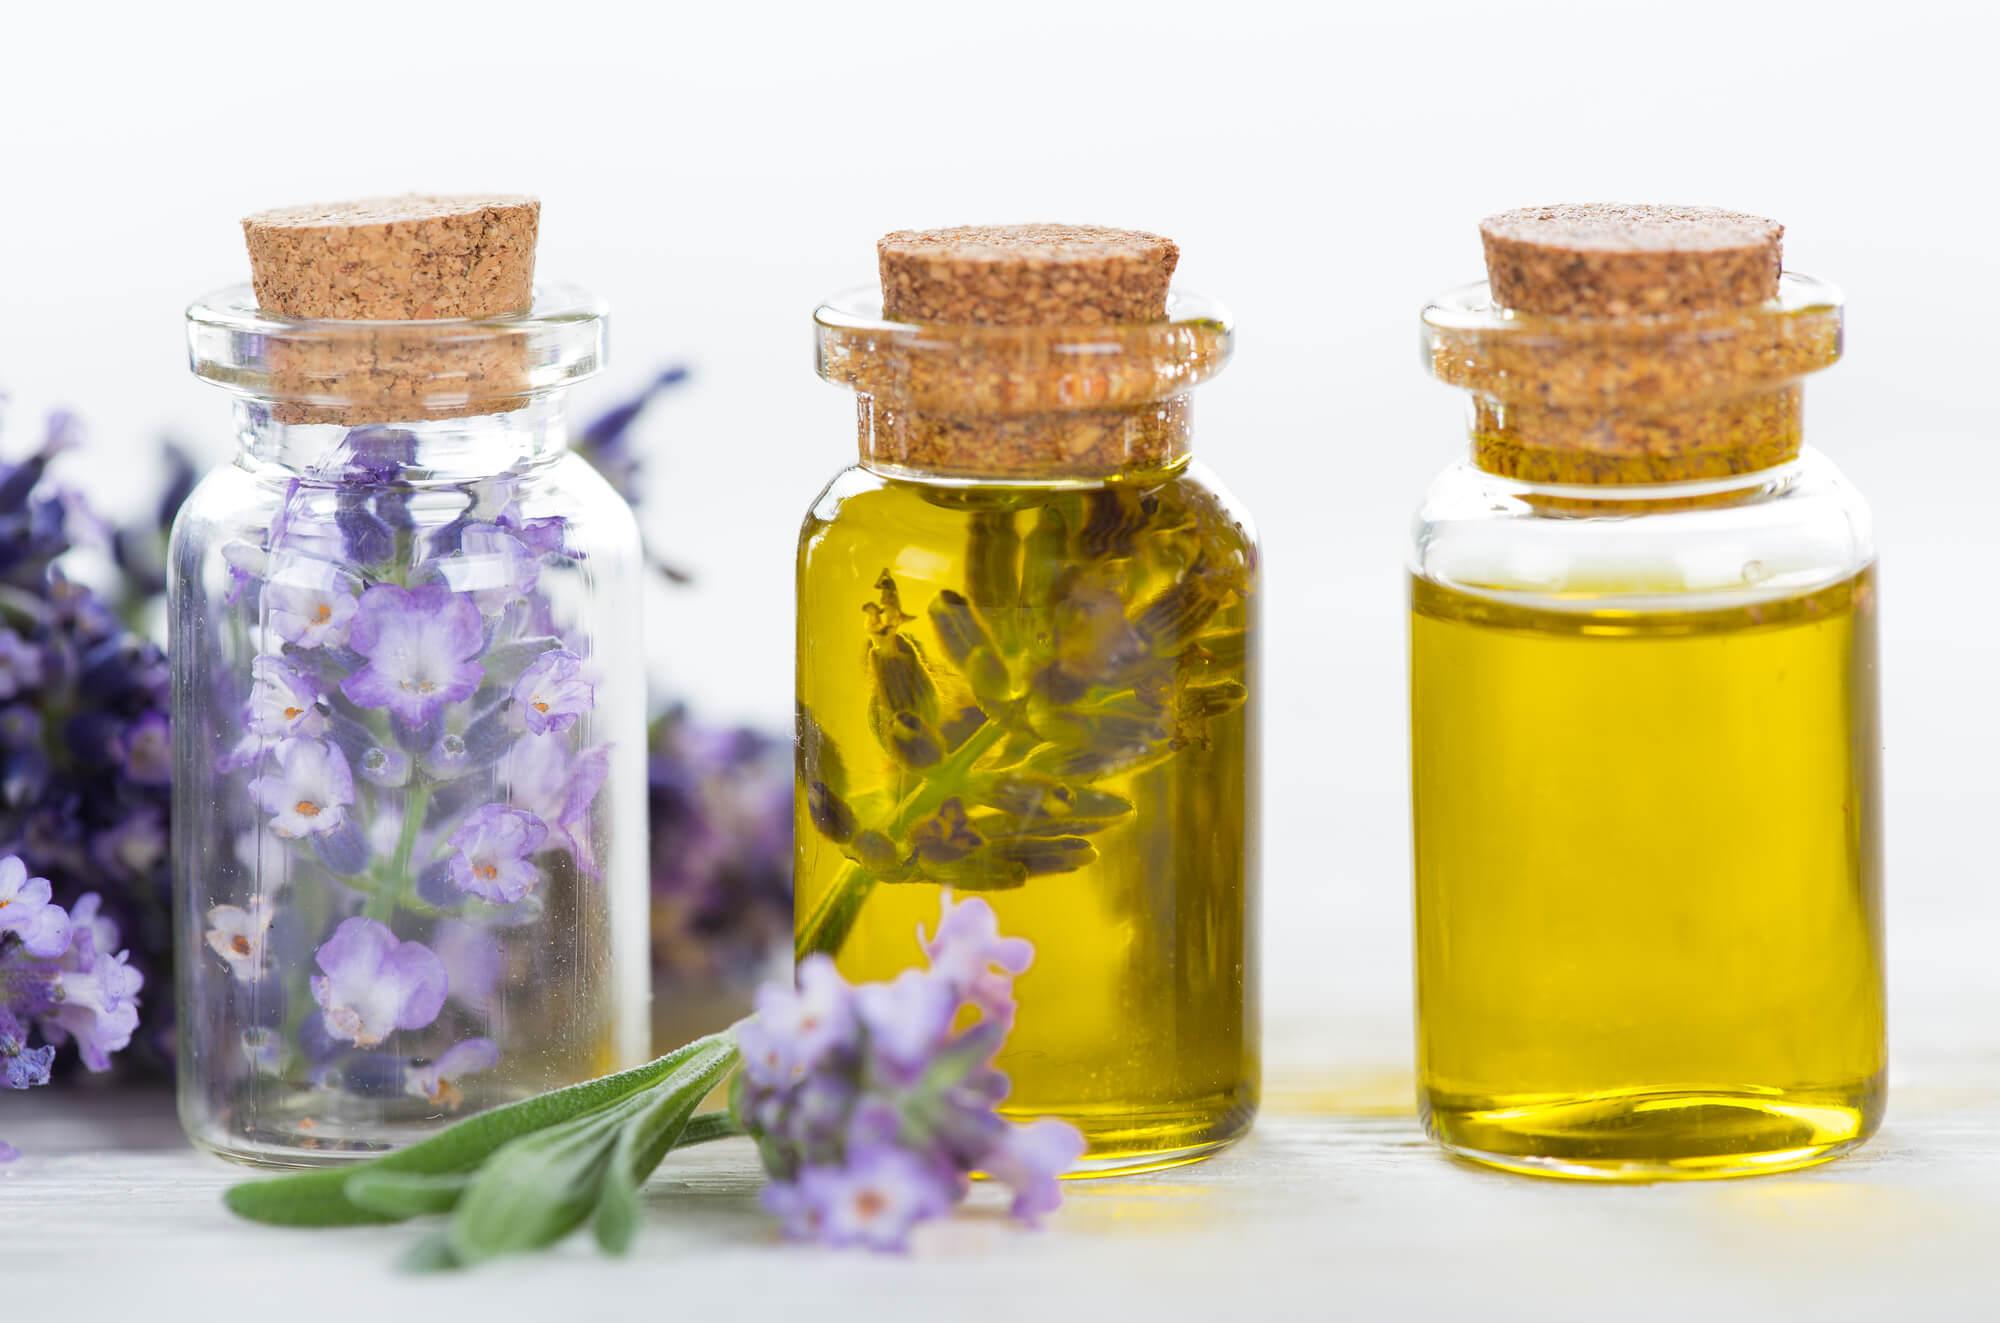 Lavendelöl in 3 Flaschen